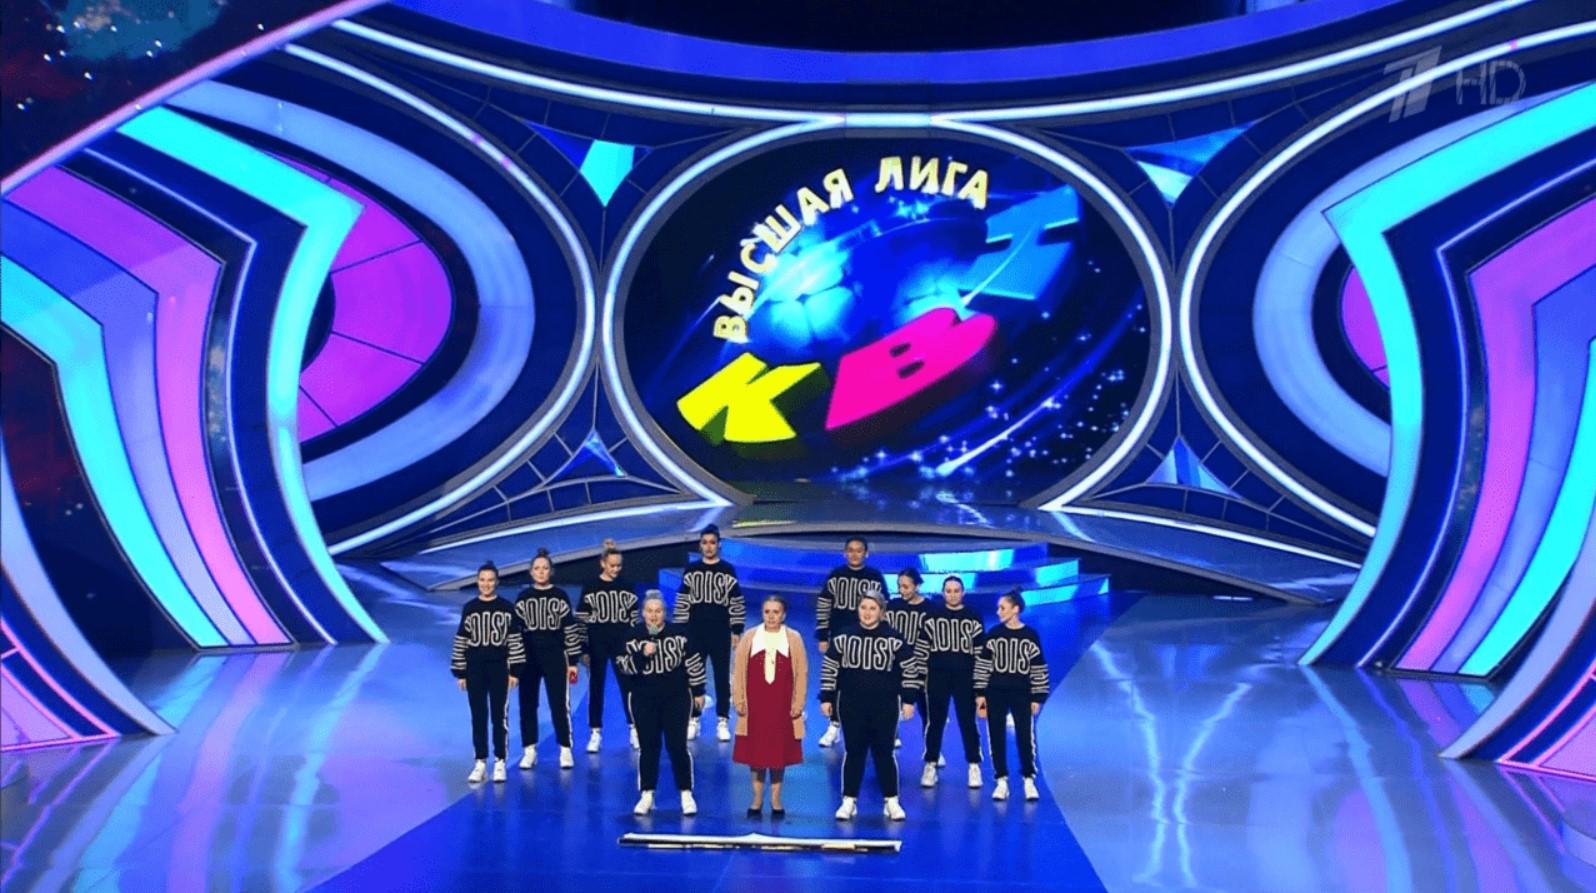 Александр Масляков обвиняет создателей шоу «Игра» в копировании «КВН»